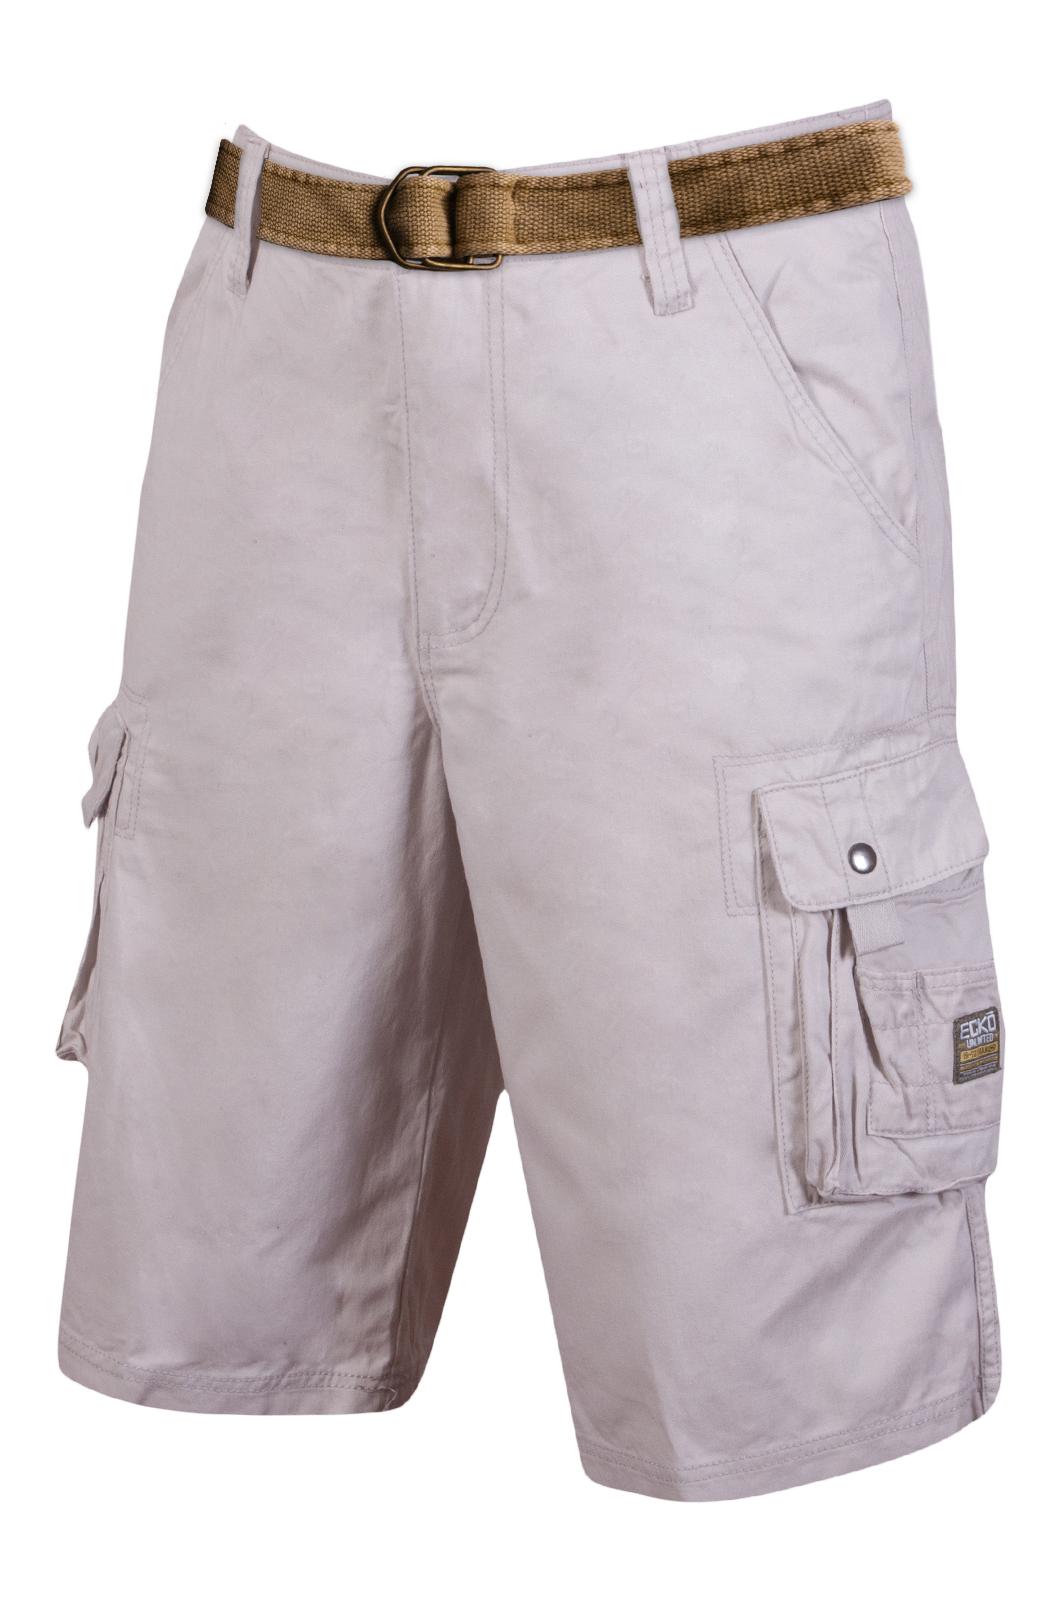 Стильные шорты с ремнем - заказать с доставкой